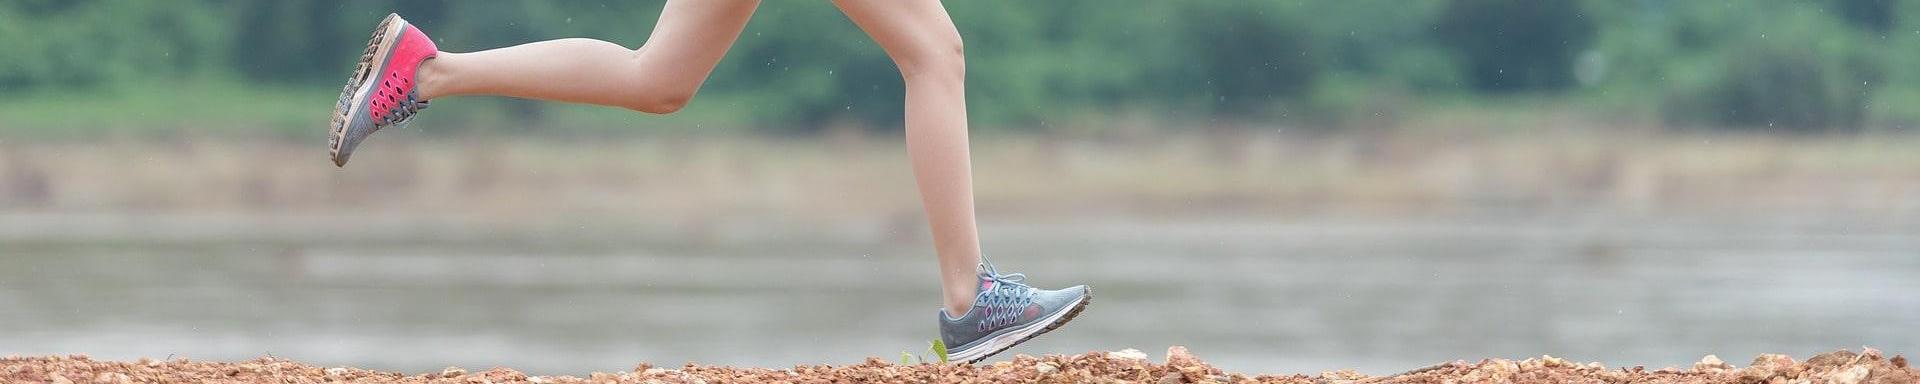 ¿Qué es el Drop de los zapatos de running?